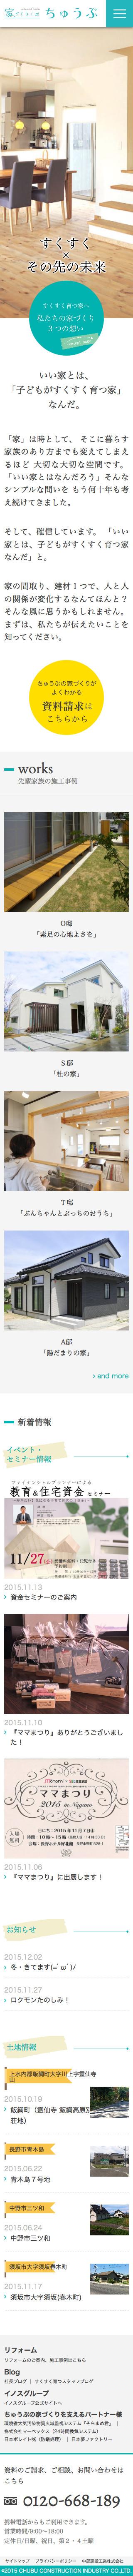 家づくり工房ちゅうぶ|子どもがすくすく育つ自然素材の家「家づくり工房ちゅうぶ」-www.chubukensetu.com(1)